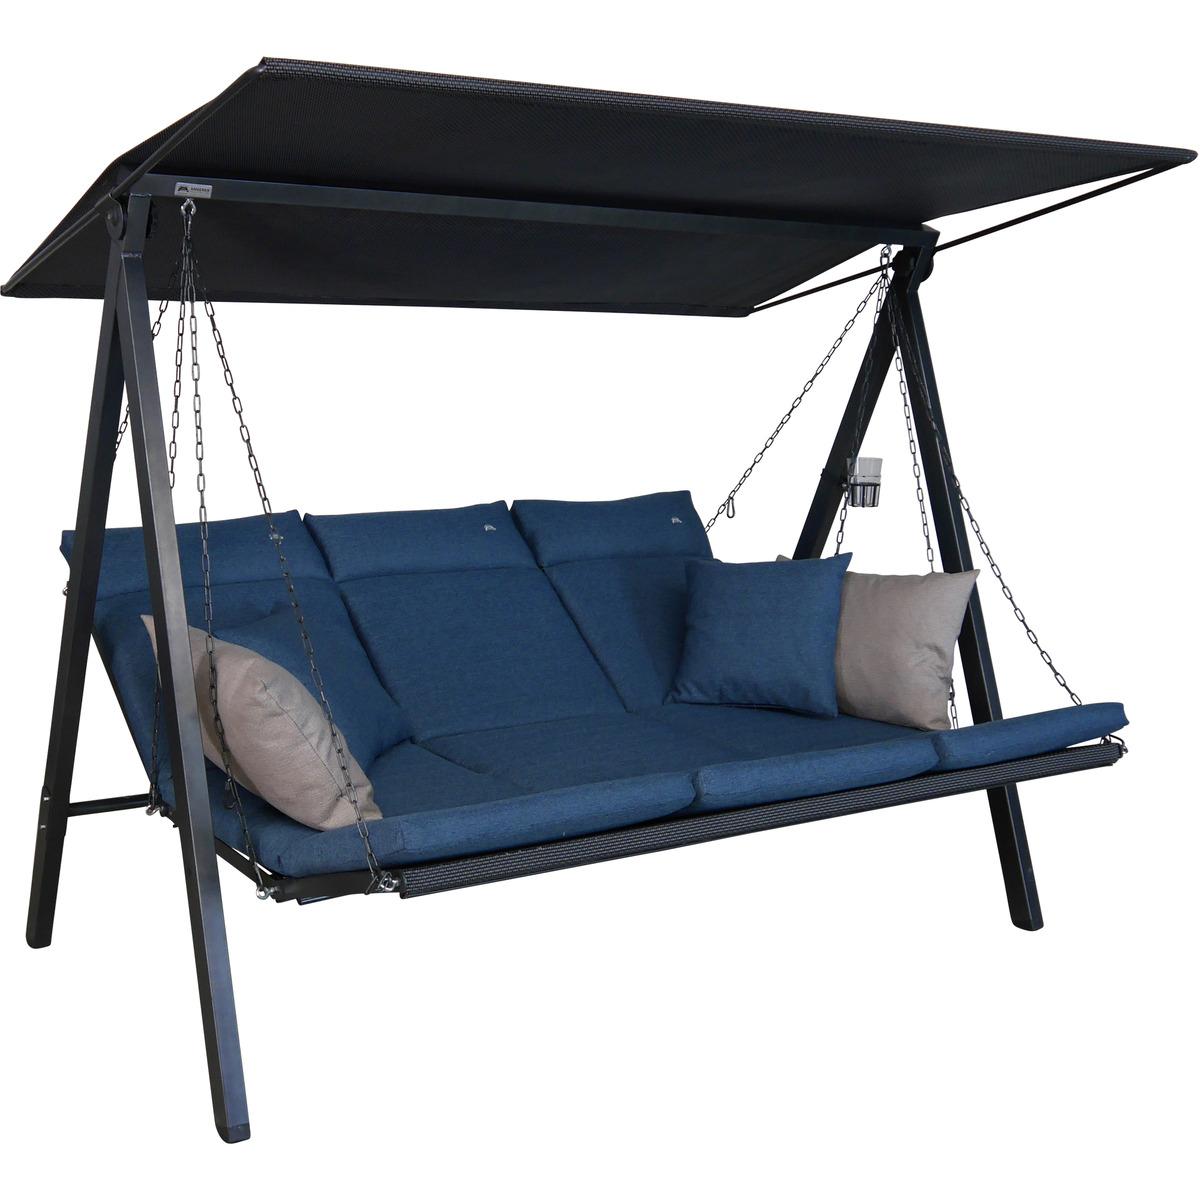 Bild 1 von Angerer Freizeitmöbel Hollywoodschaukel 'Lounge Smart' 3-Sitzer denim